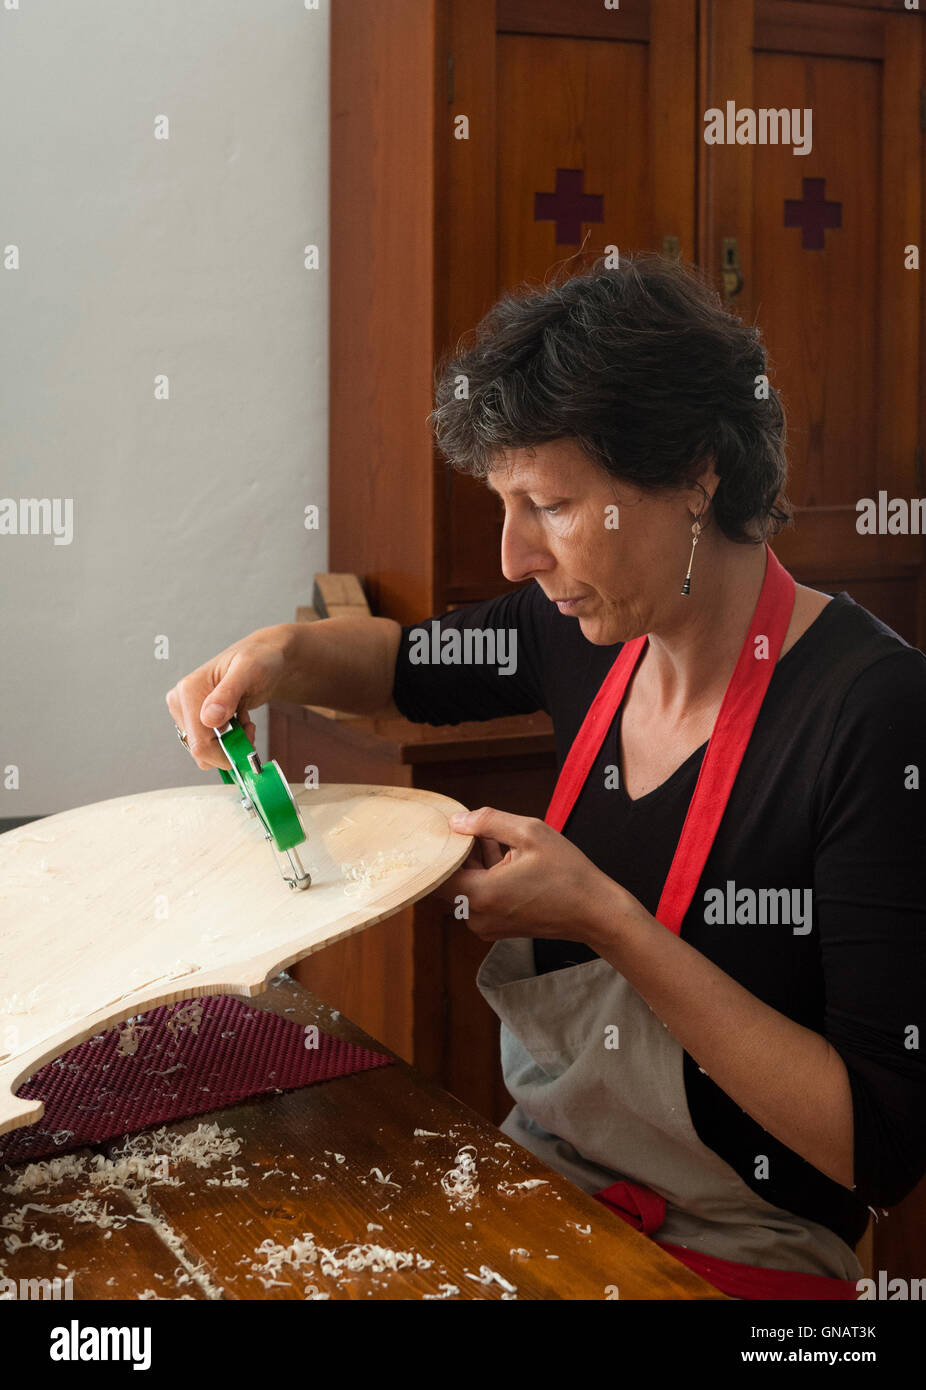 La Forêt de violons, de Paneveggio, Italie. Giovanna Chittò, luthier (luthier), de mesure du bois pour Photo Stock